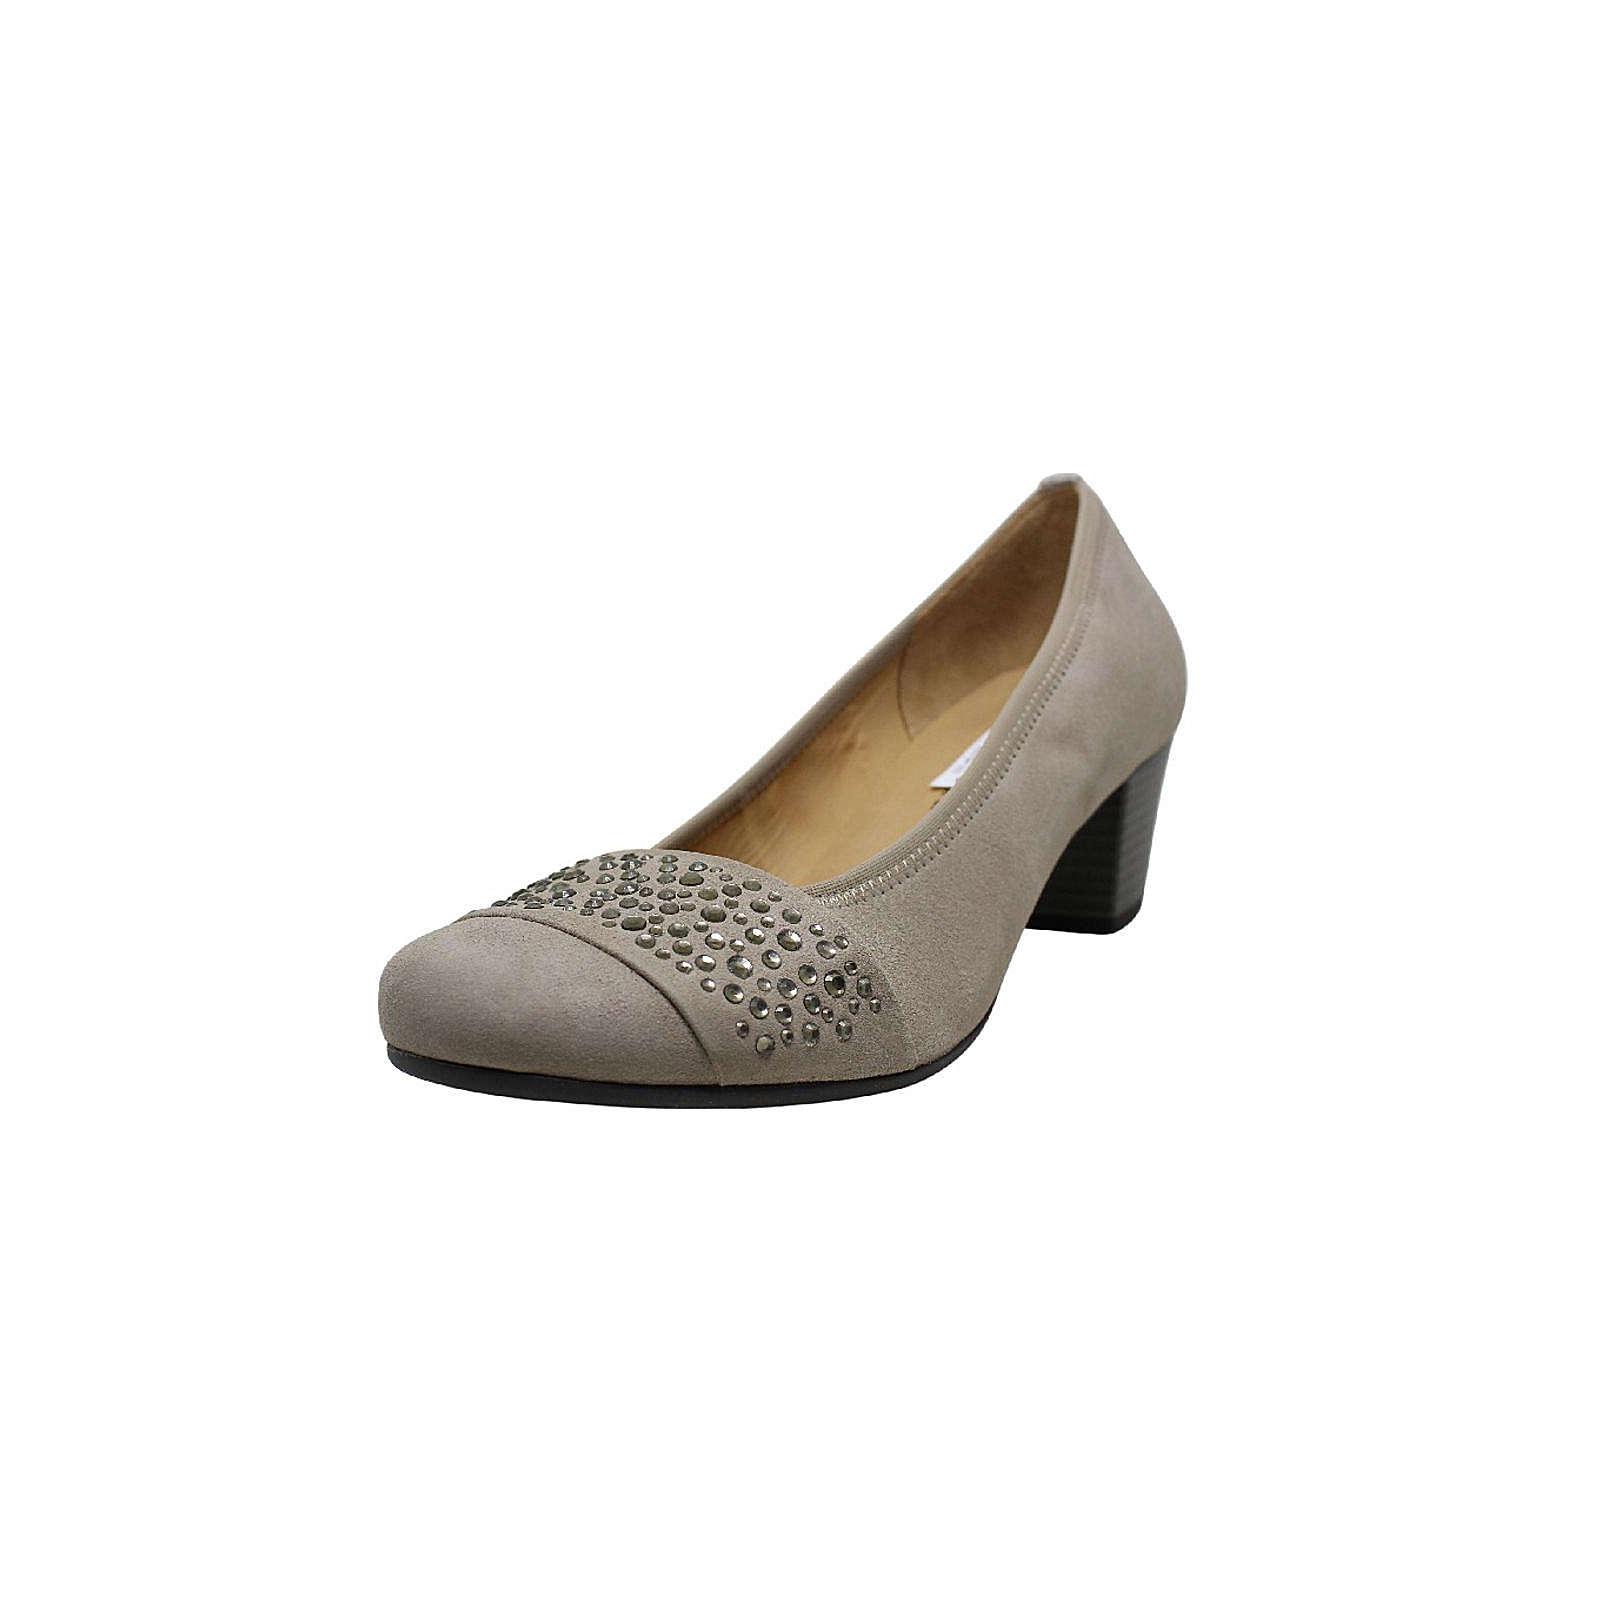 Artikel klicken und genauer betrachten! - Flotter Pumps von Gabor aus einem feinen hochwertigem Veloursleder. Innen ist der Schuh mit einem cromfrei gegerbtem Leder ausgestattet. Der Schuh hat eine normale Weite. Der Trotteurabsatz hat eine Höhe von cirka 5 cm. Die Laufsohle ist aus Krepp. Die Schuhgröße fällt regulär aus.   im Online Shop kaufen